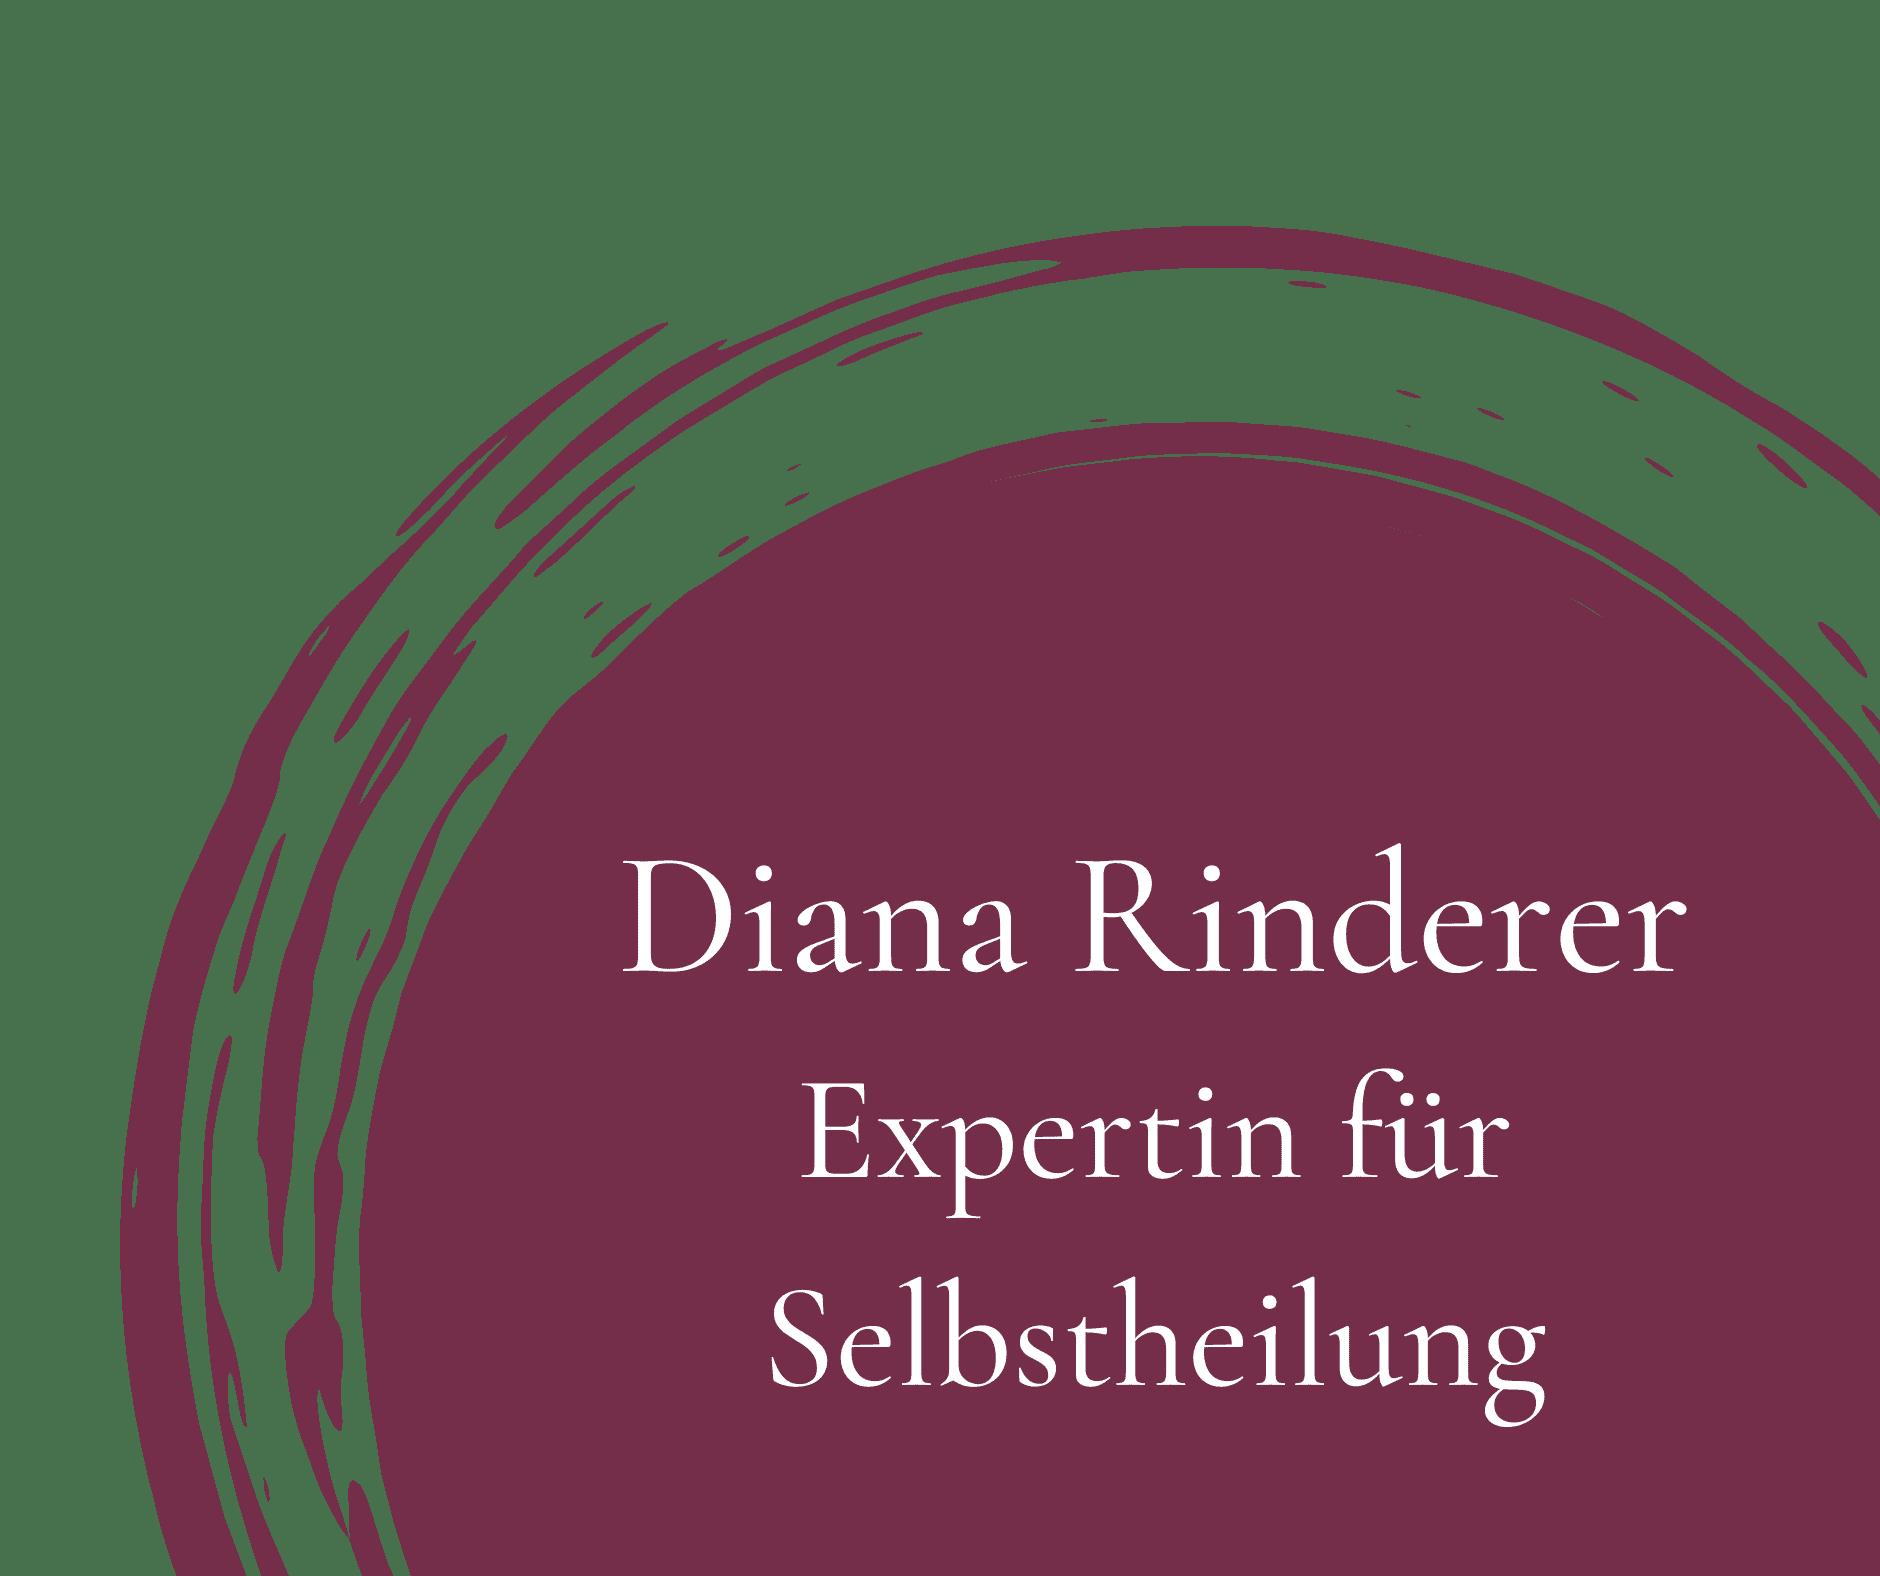 Diana Rinderer